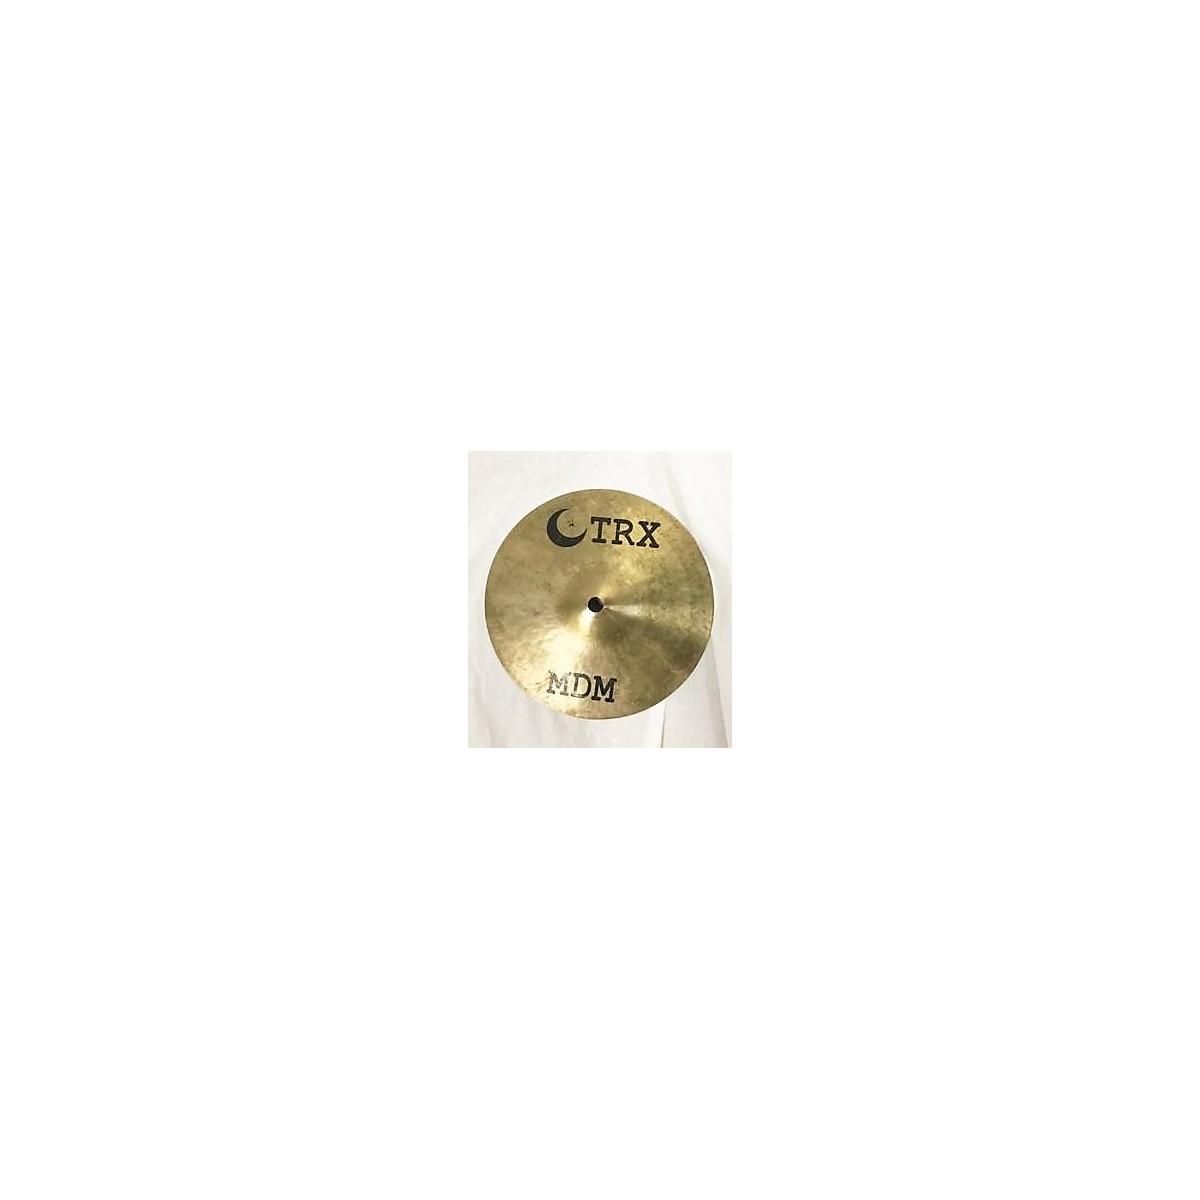 TRX 8in MDM SPLASH Cymbal